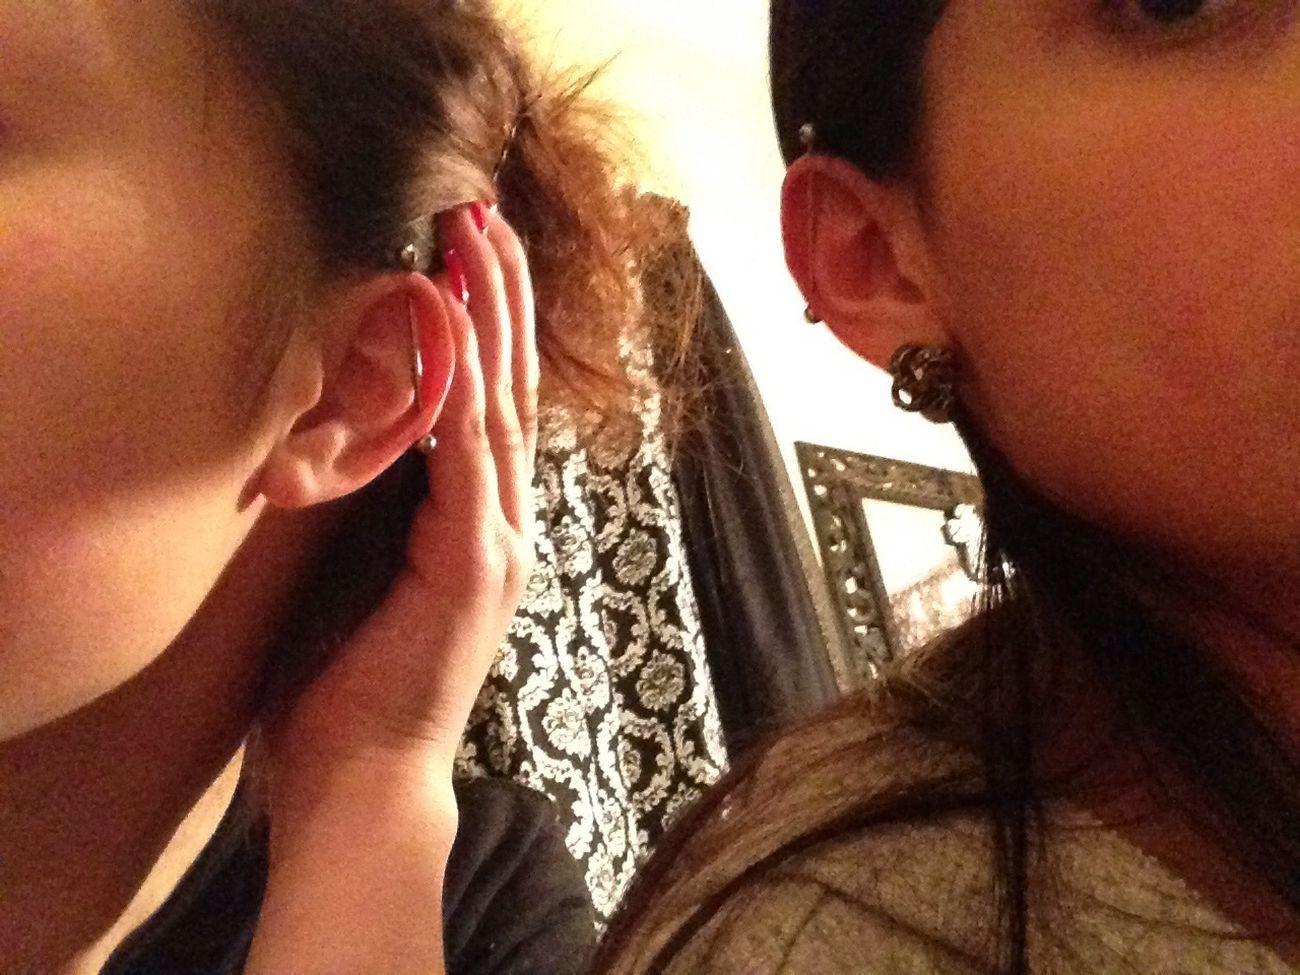 Mine & my bestfriends piercing